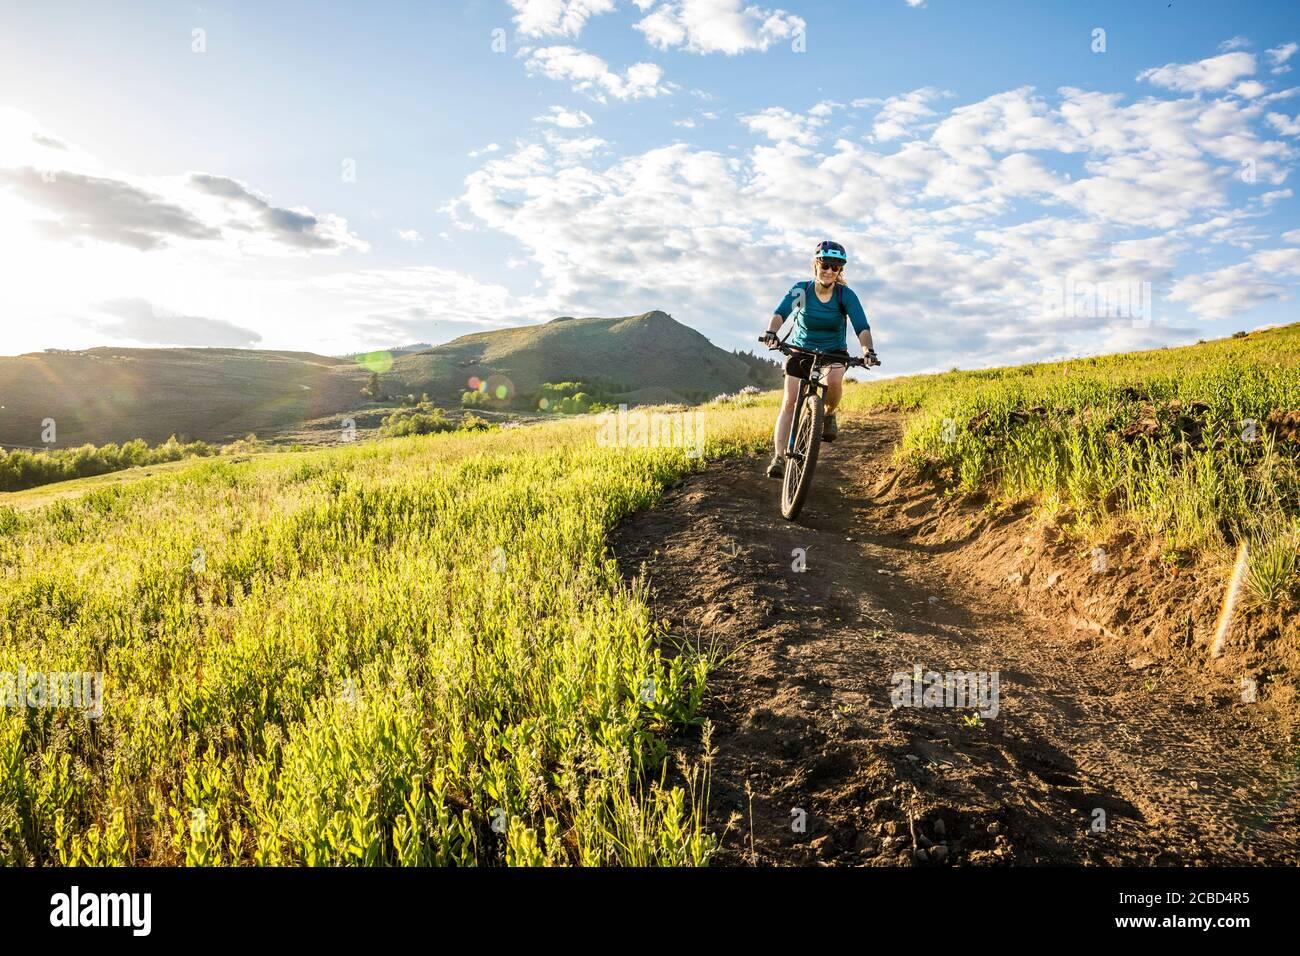 Une femme qui escalade le sentier sur Lewis Butte à l'extérieur de Winthrop, Washington, un après-midi ensoleillé en mai. Banque D'Images